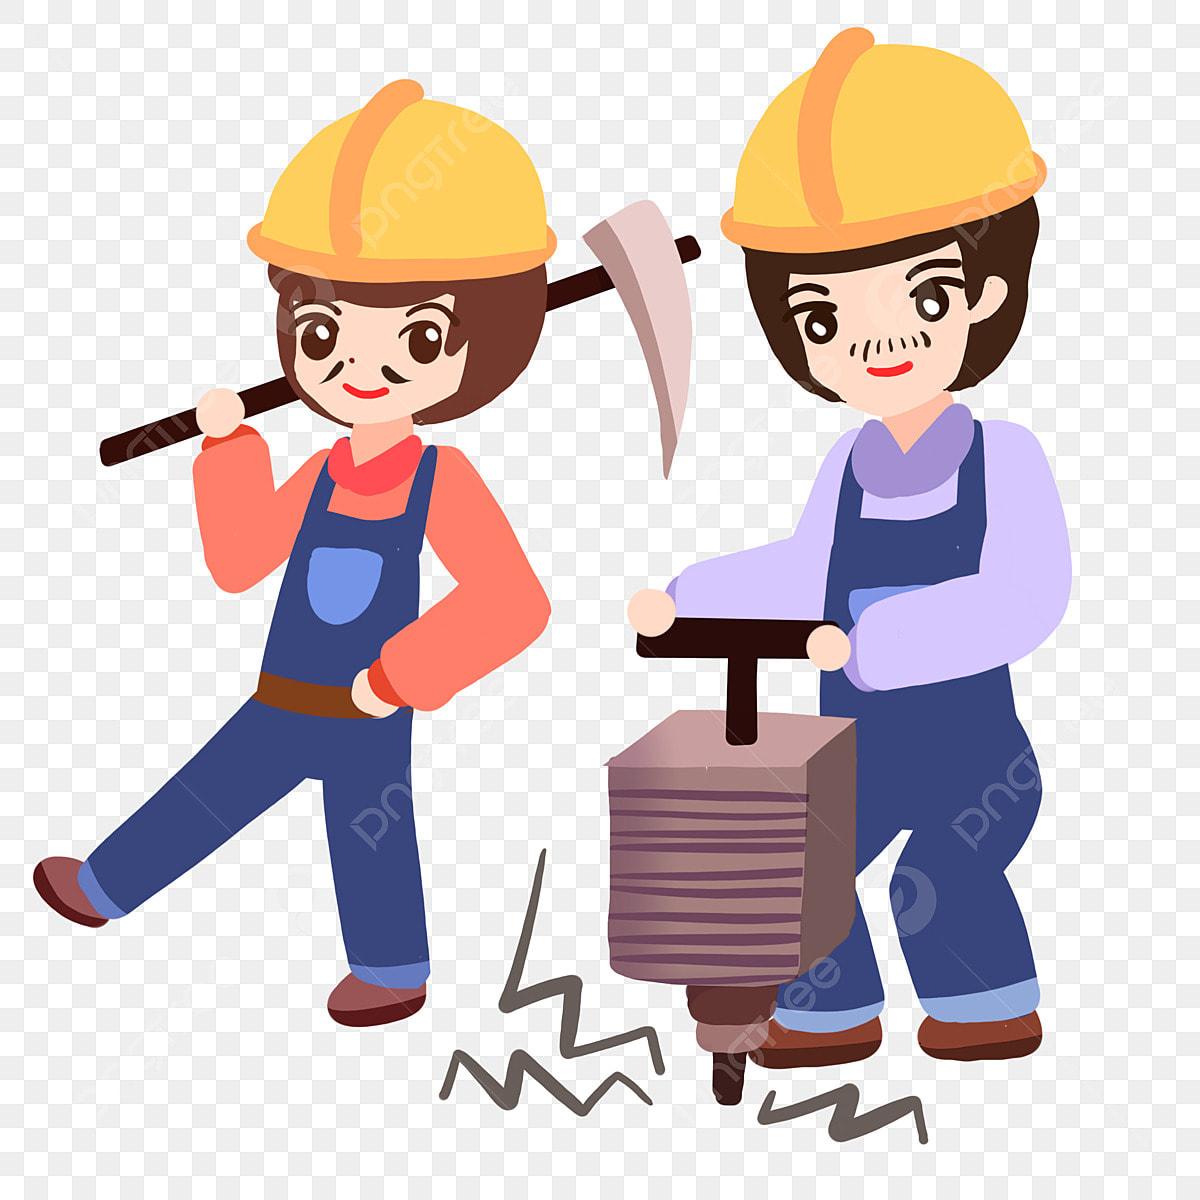 Gambar Kerja Pekerja Gembira Pekerja Petani Kerja Kartun Tempat Png Dan Psd Untuk Muat Turun Percuma